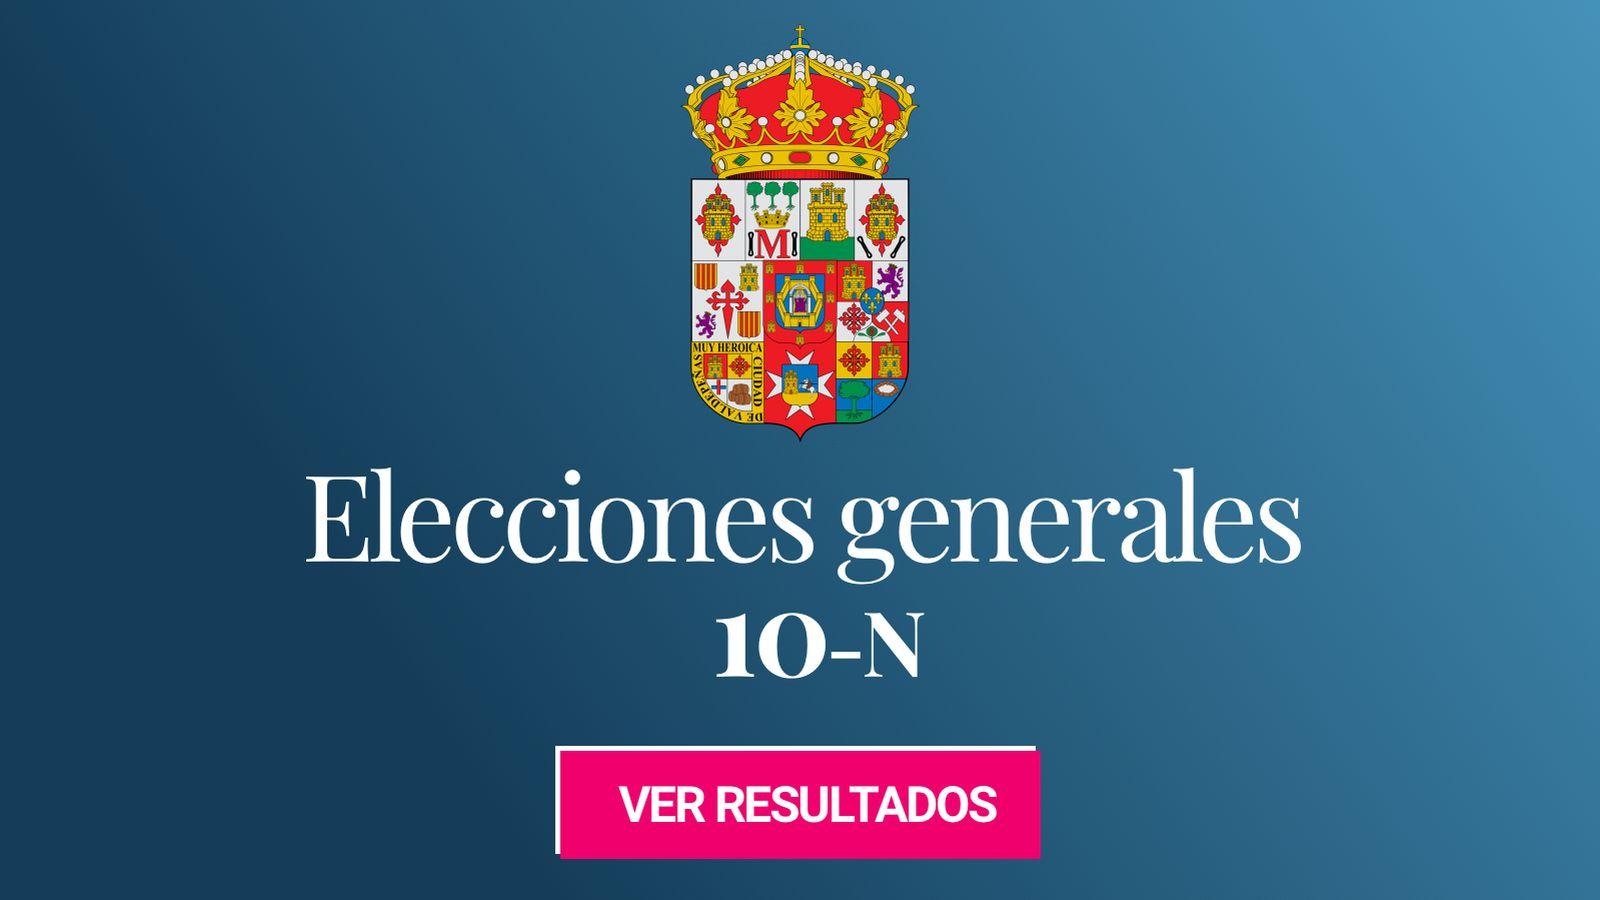 Foto: Elecciones generales 2019 en la provincia de Ciudad Real. (C.C./HansenBCN)